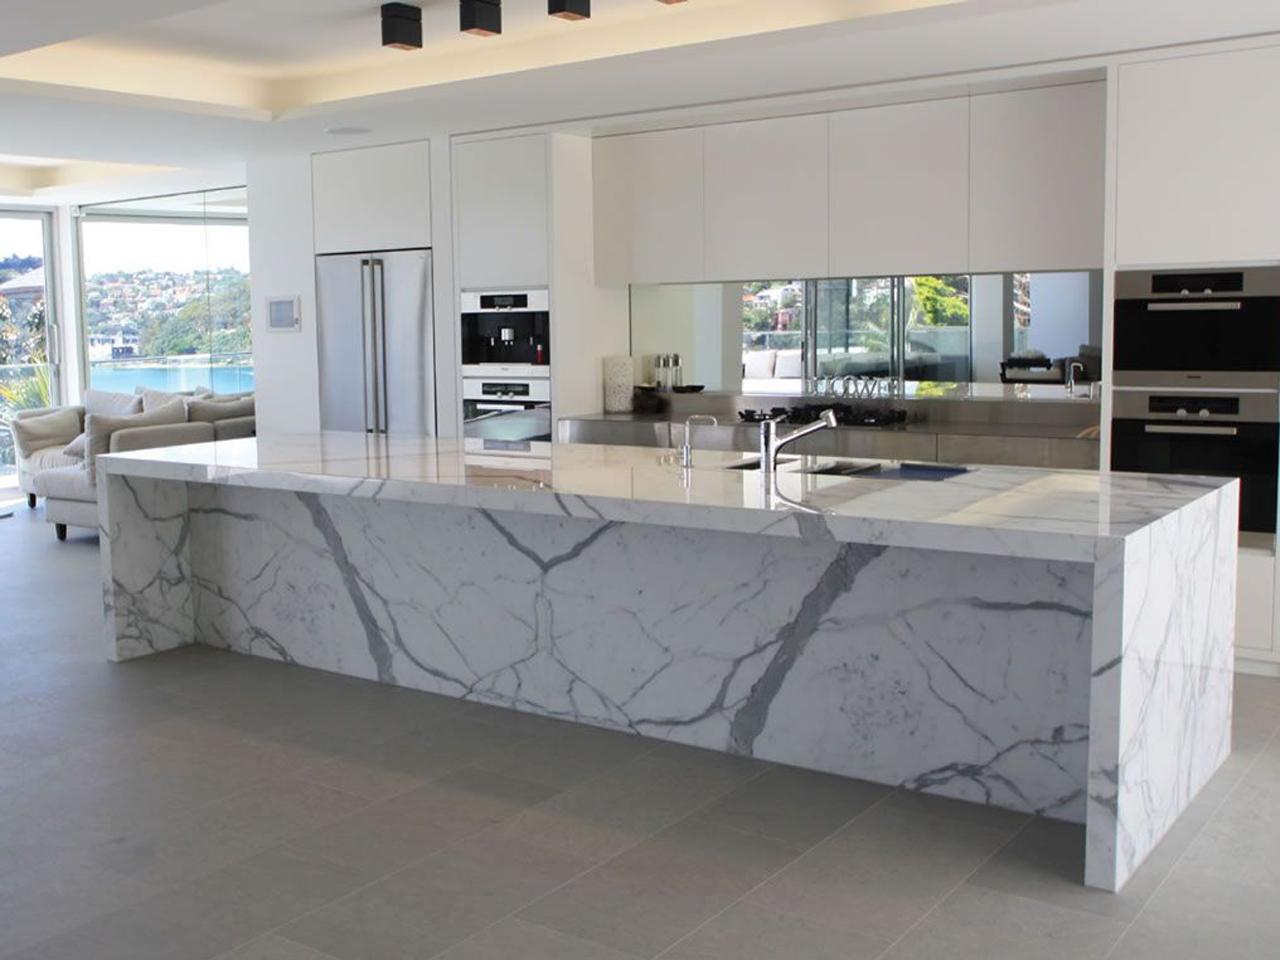 Revestimos pisos y paredes con Mármol y Granito y piedras naturales.